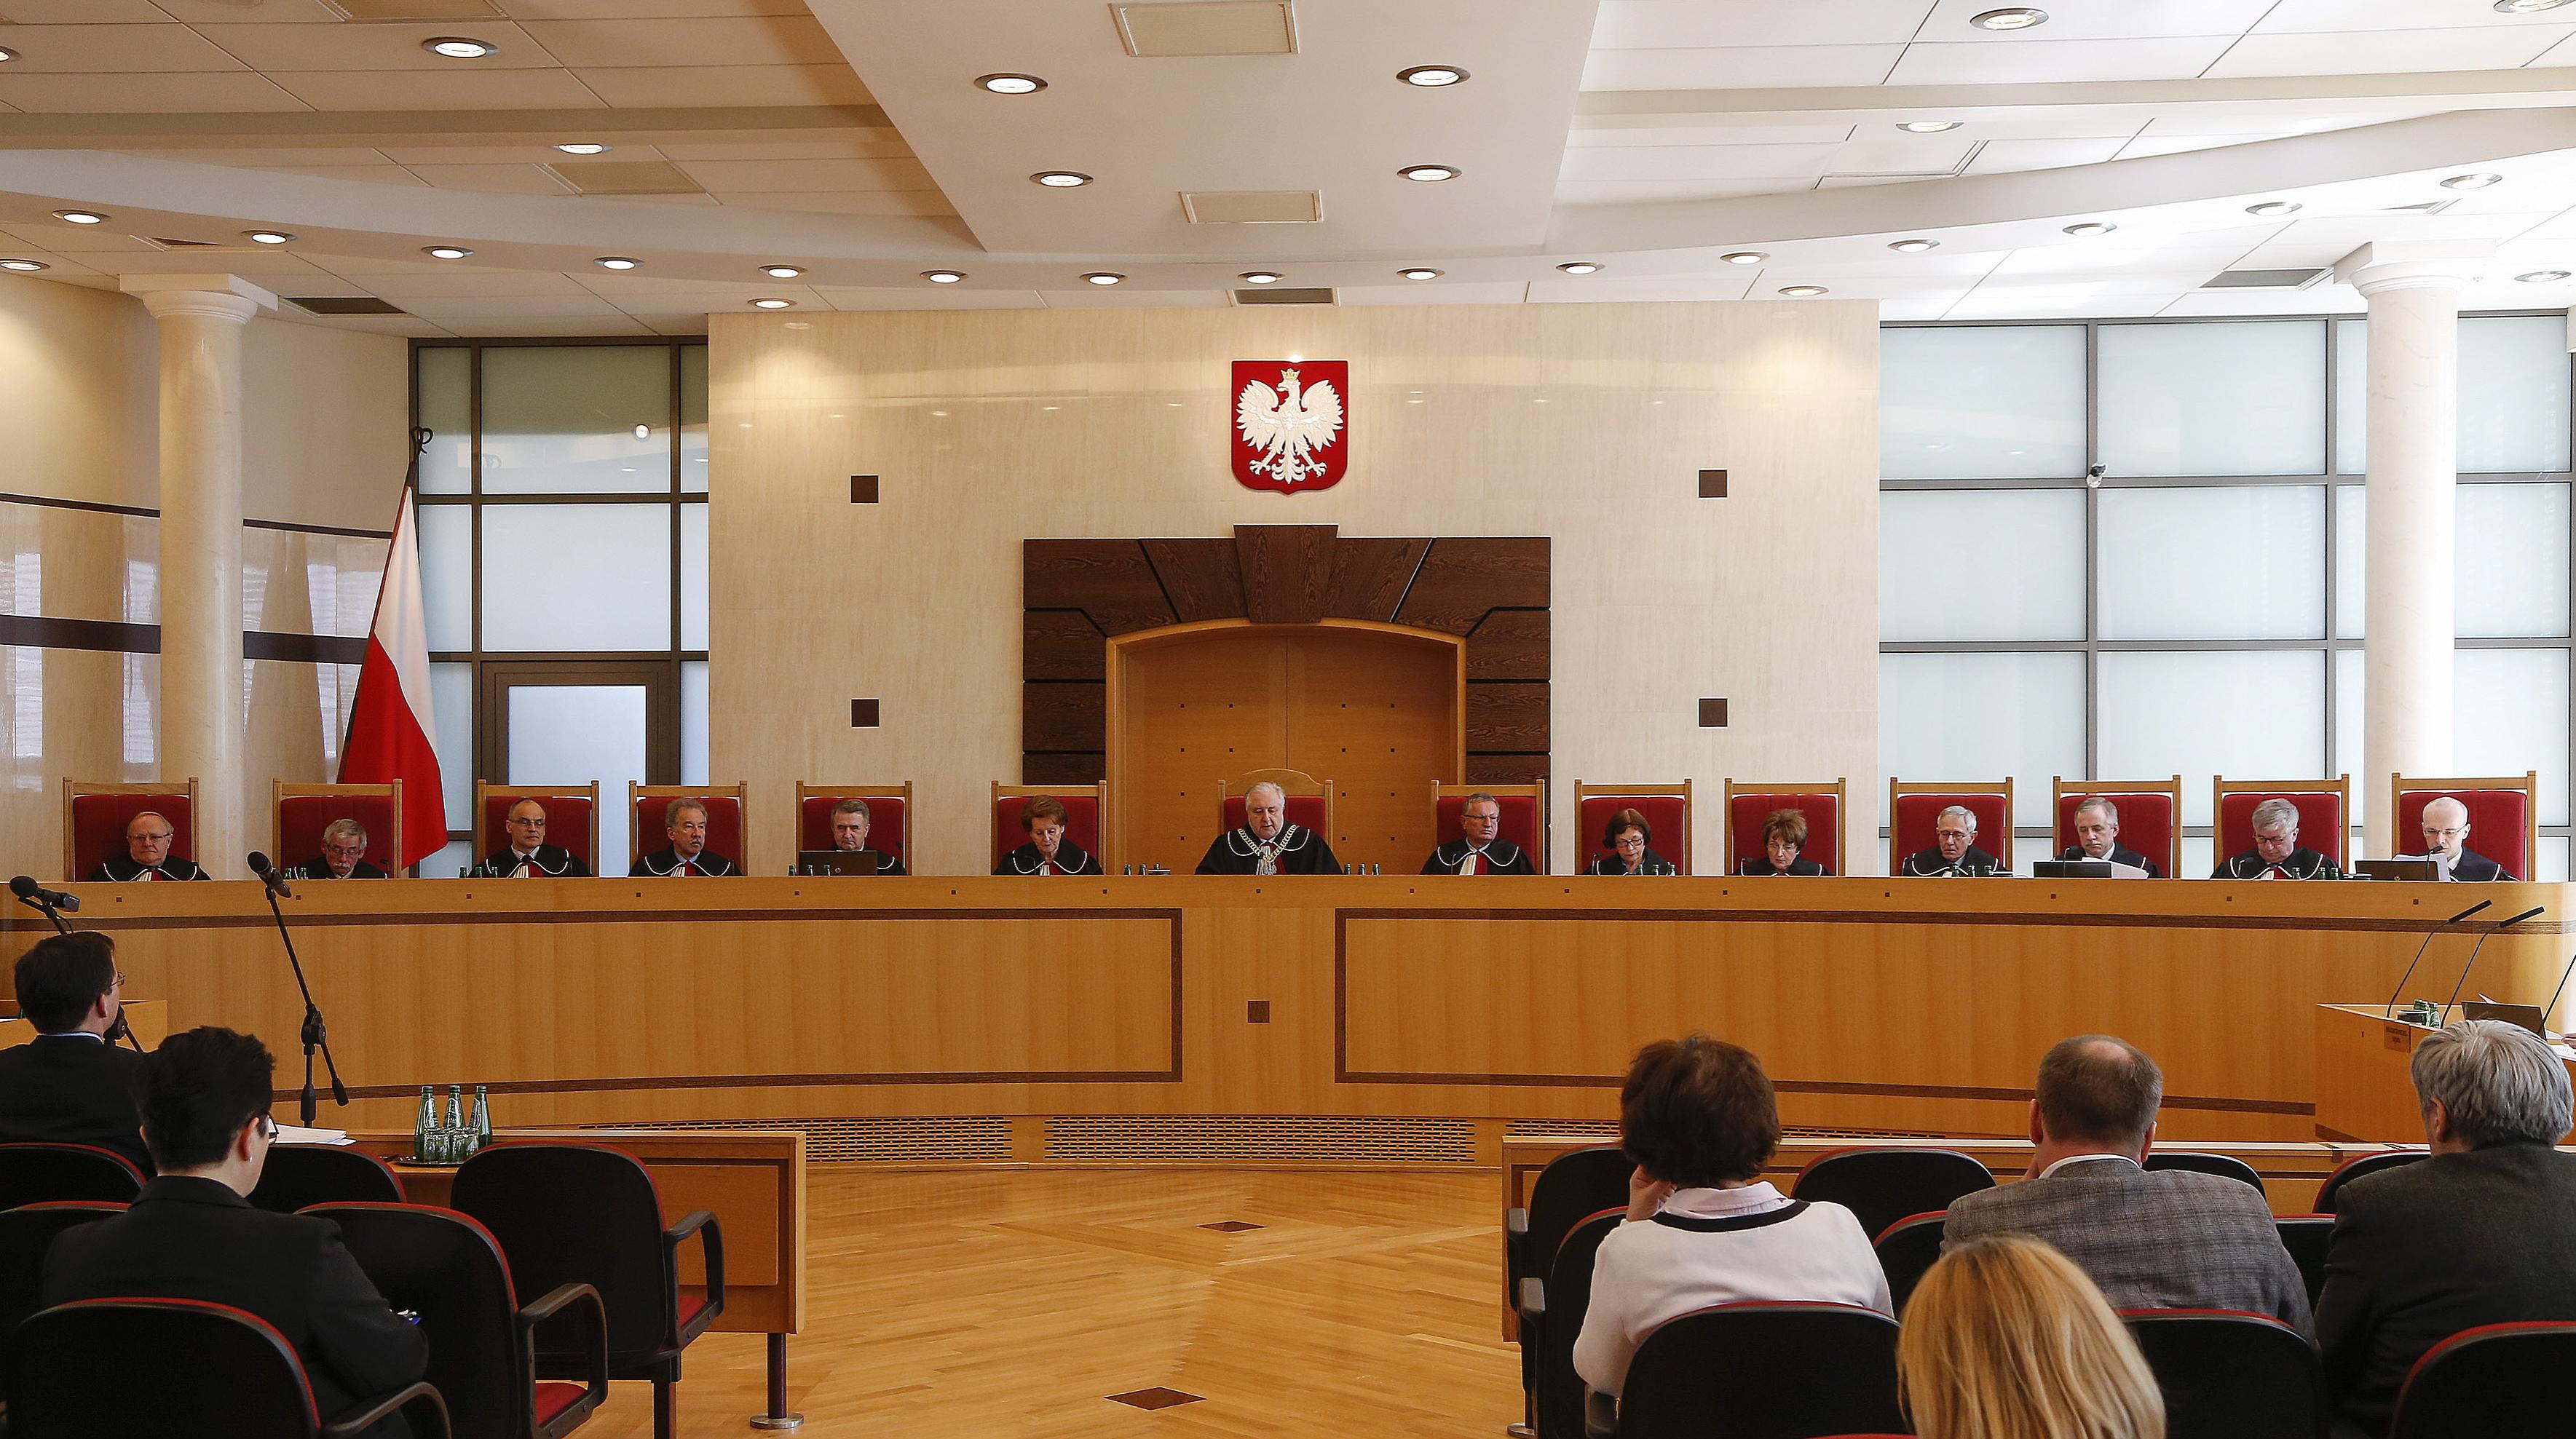 Postępowania karnego ws. wyroków TK z 3 i 9 grudnia nie będzie. Sąd wzywa policję i grozi wyrzuceniem z rozprawy